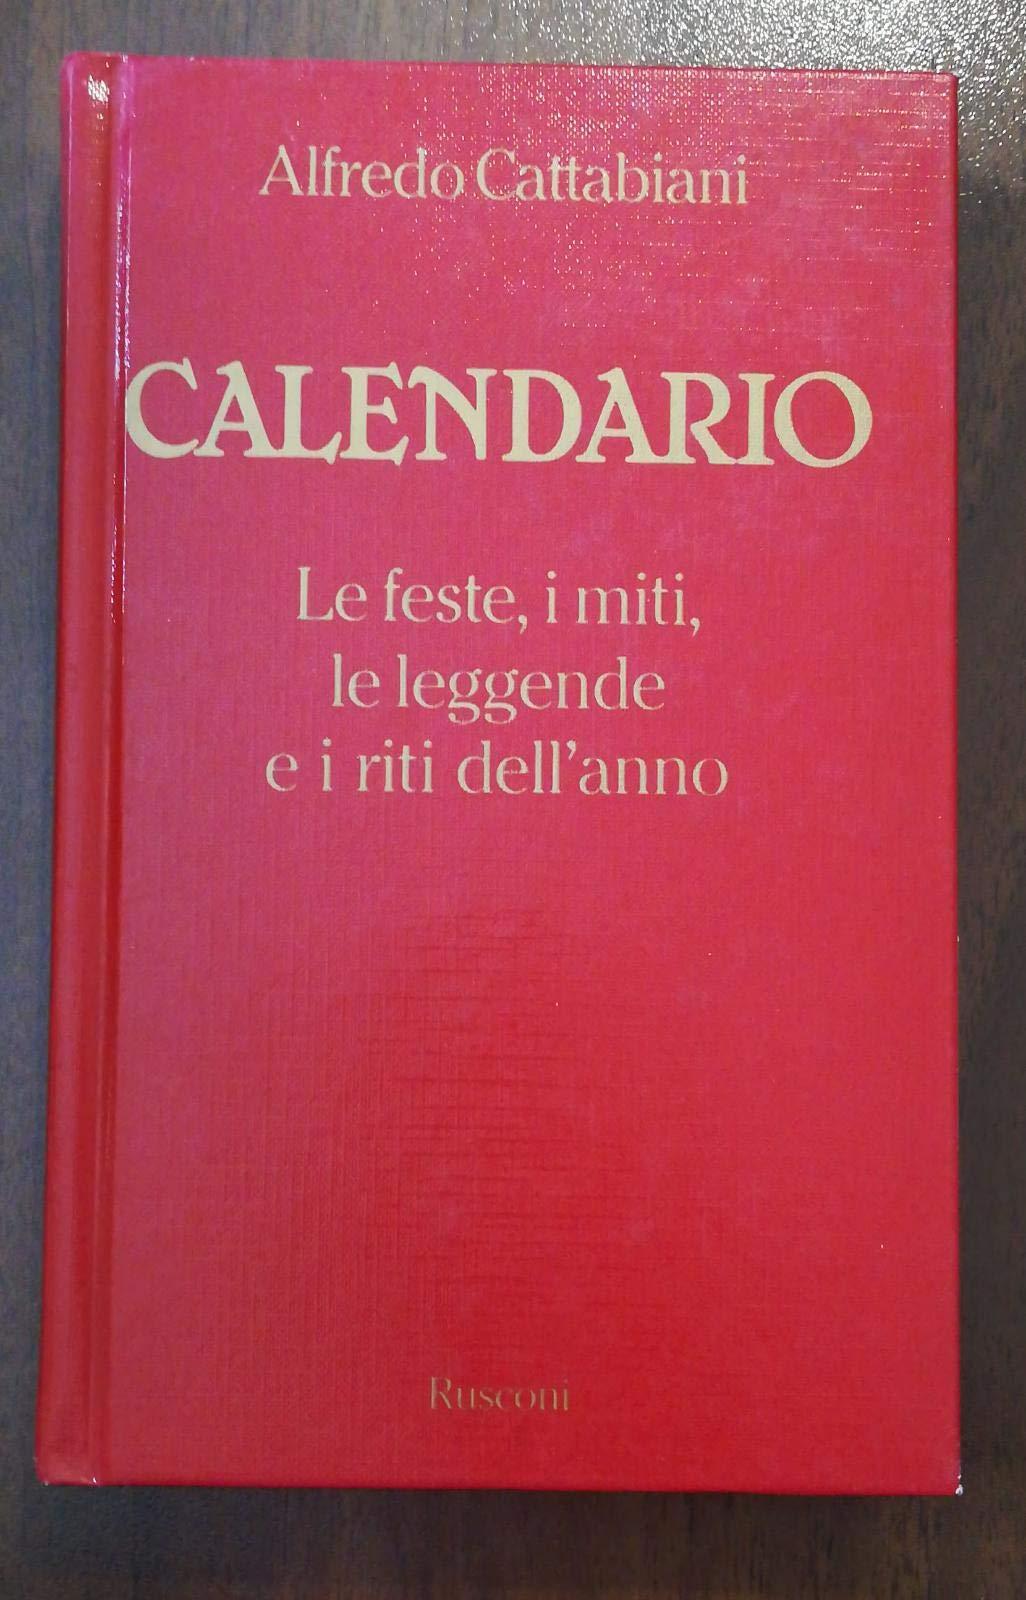 Calendario Feste.Calendario Le Feste I Miti Le Leggende E I Riti Dell